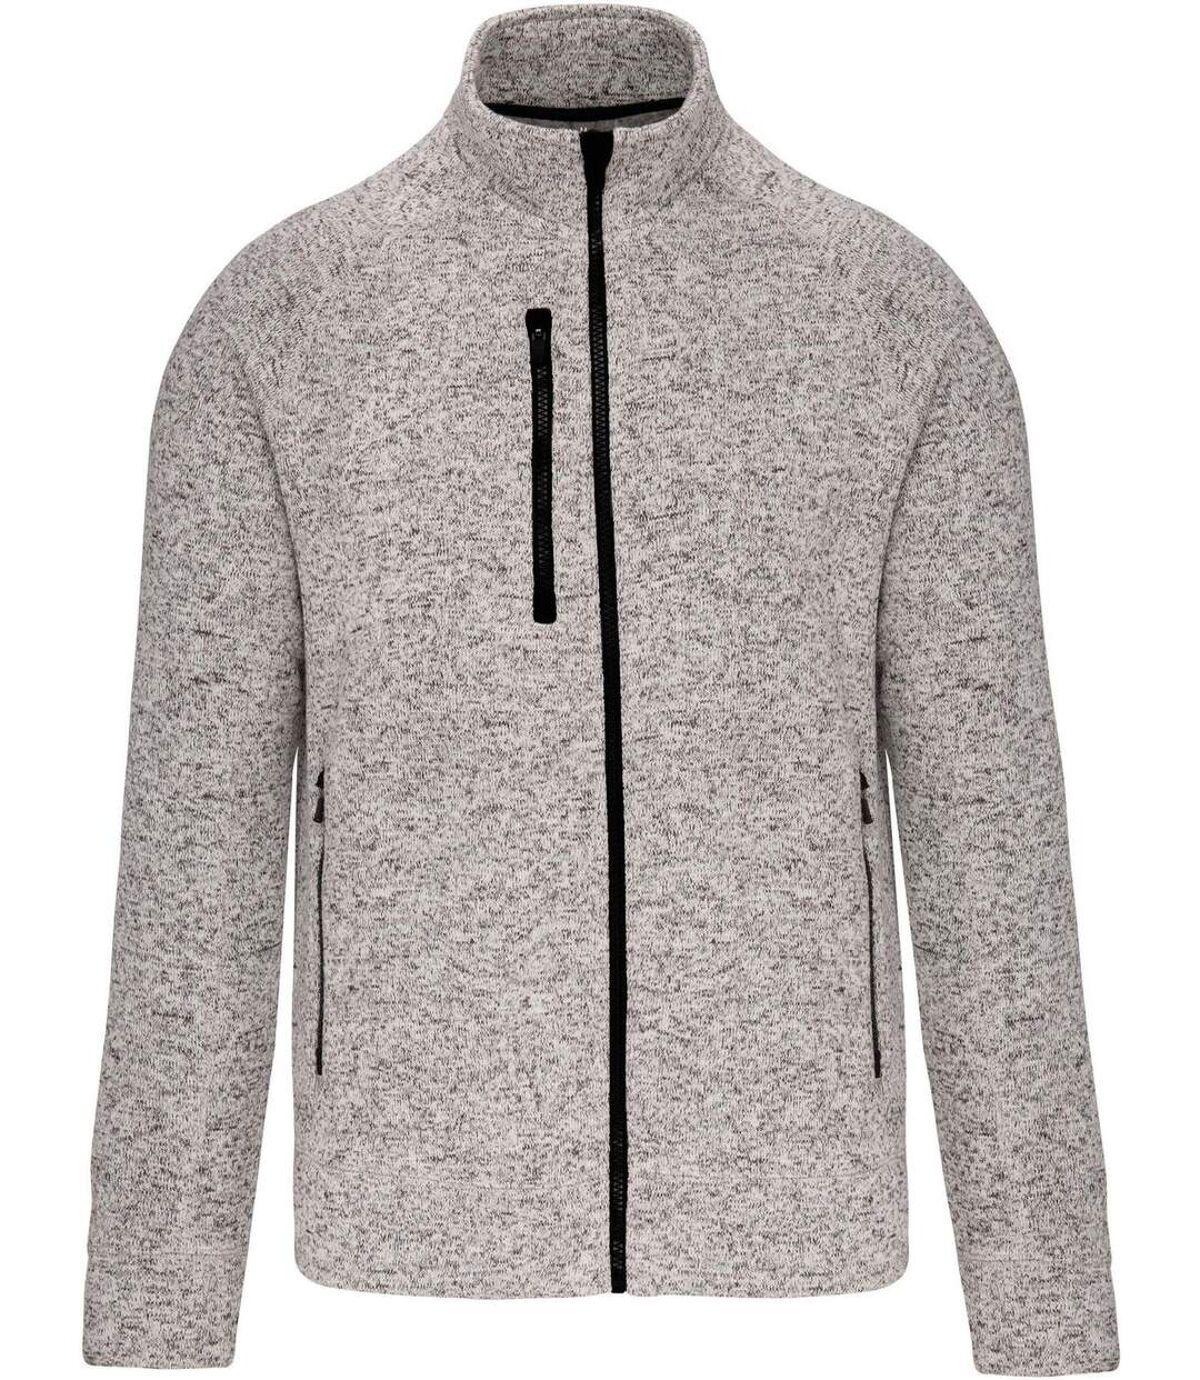 Veste chinée ouverture zippée - homme - K9106 - gris clair